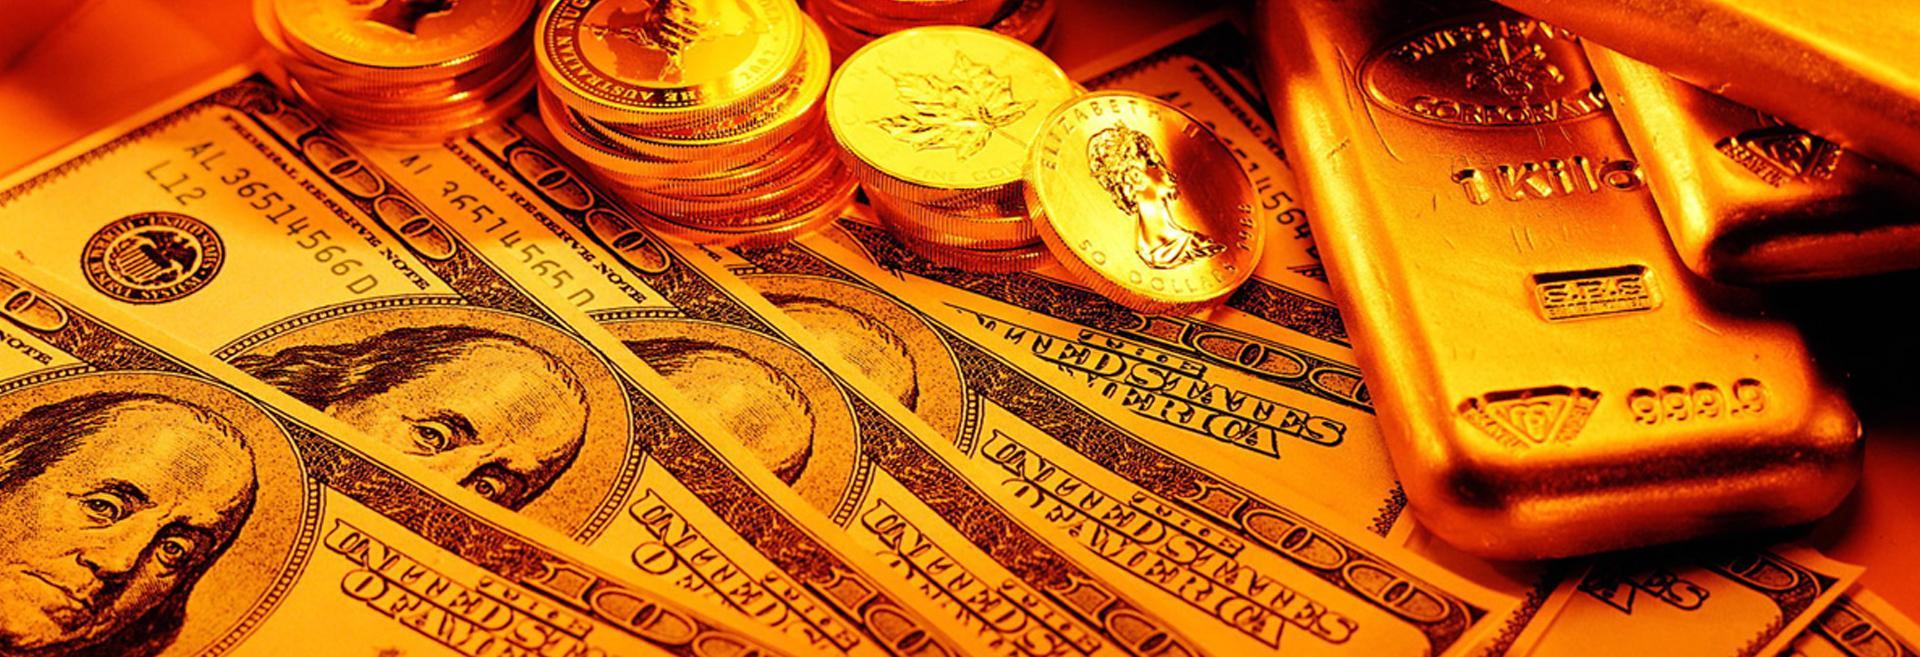 We Buy Gold in Olathe, Kansas banner